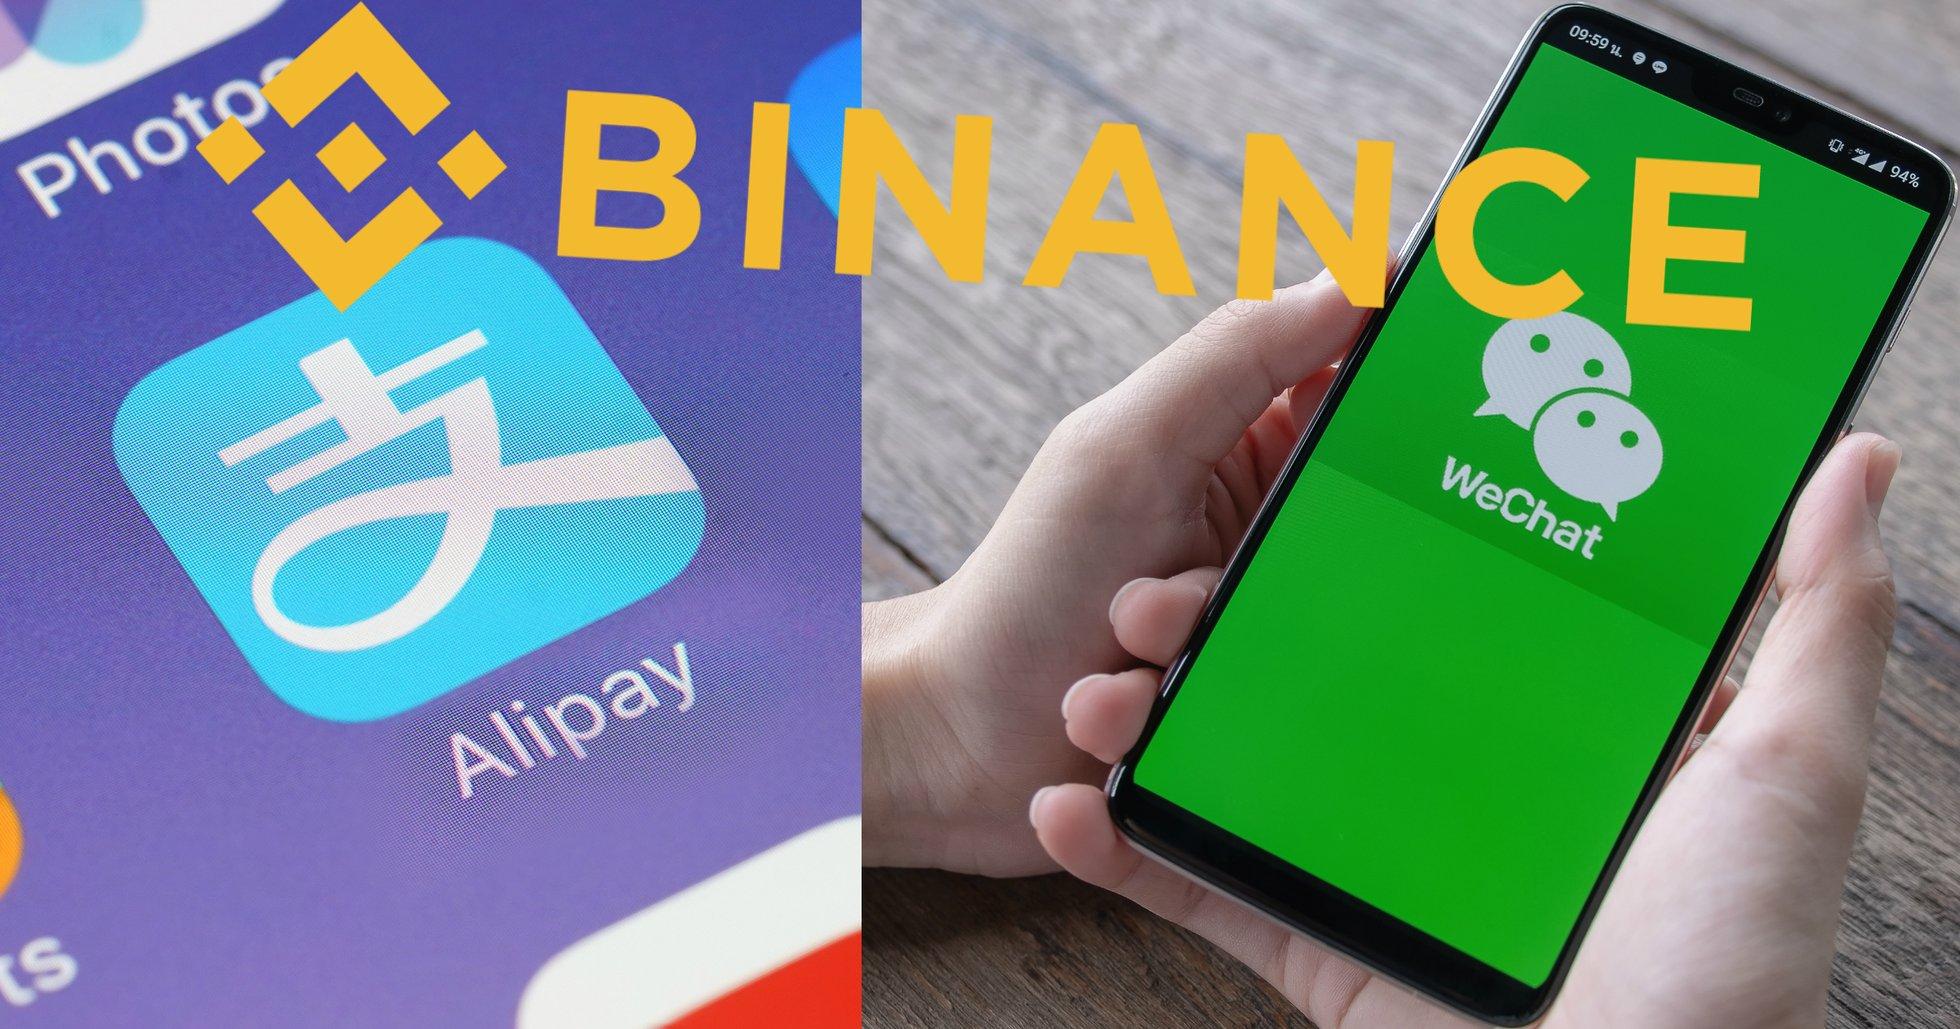 Binance börjar ta emot fiatpegnar via Alipay och Wechat.